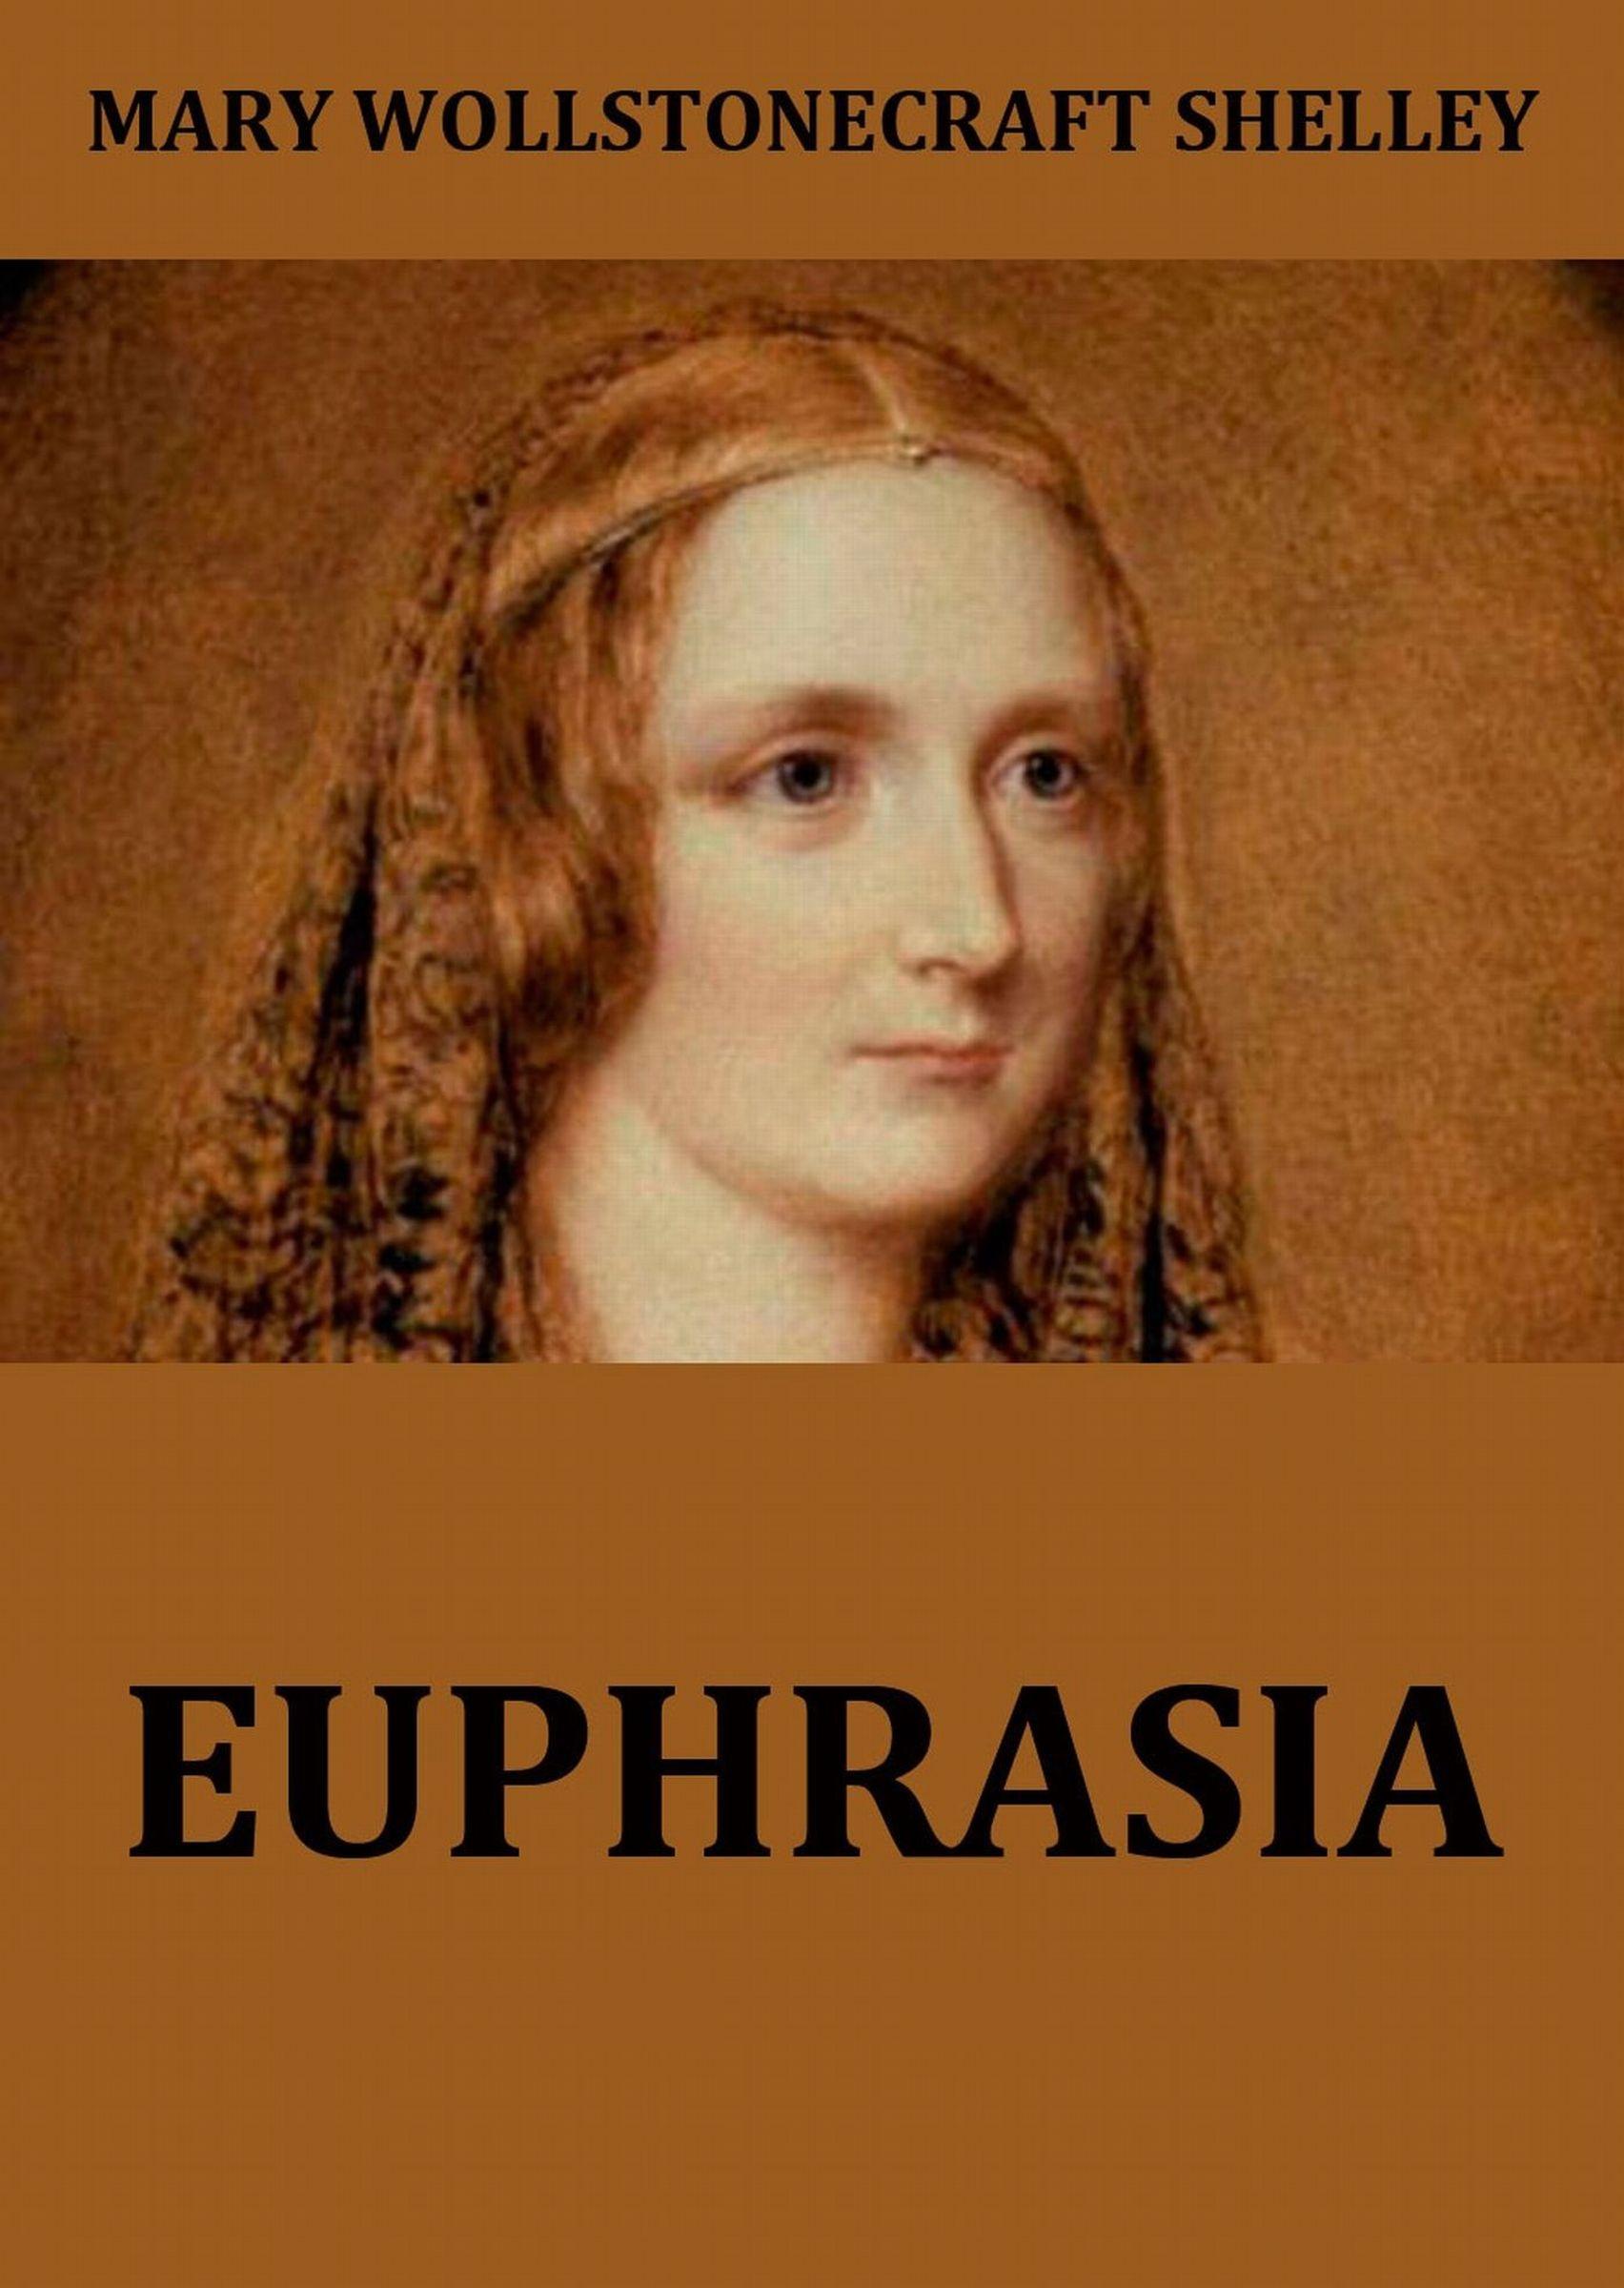 лучшая цена Mary Wollstonecraft Shelley Euphrasia